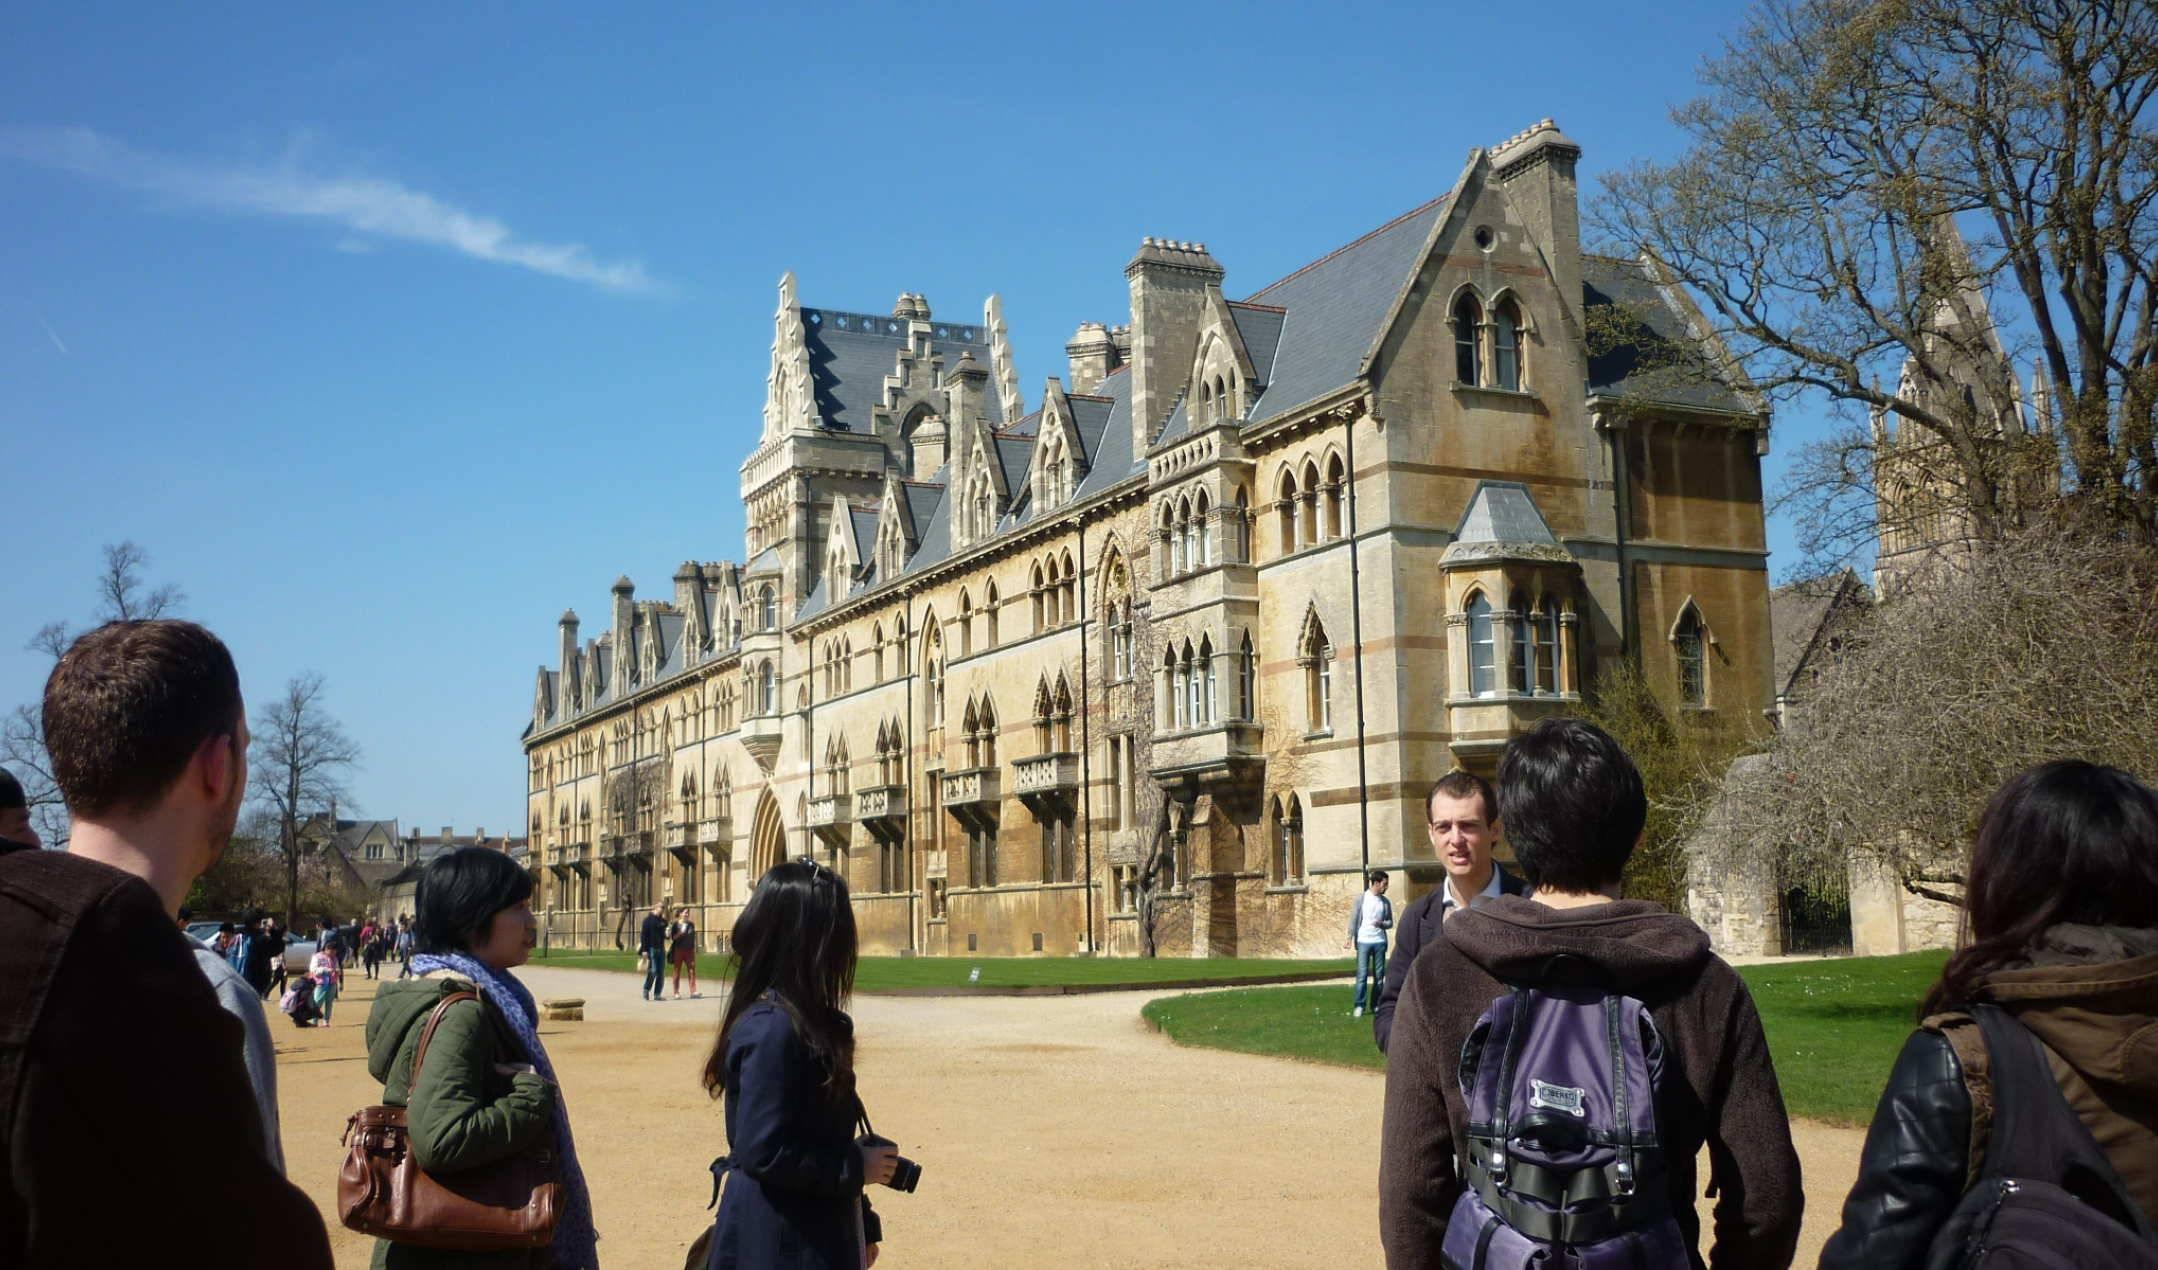 Образование в великобритании: традиции, инновации и возможности